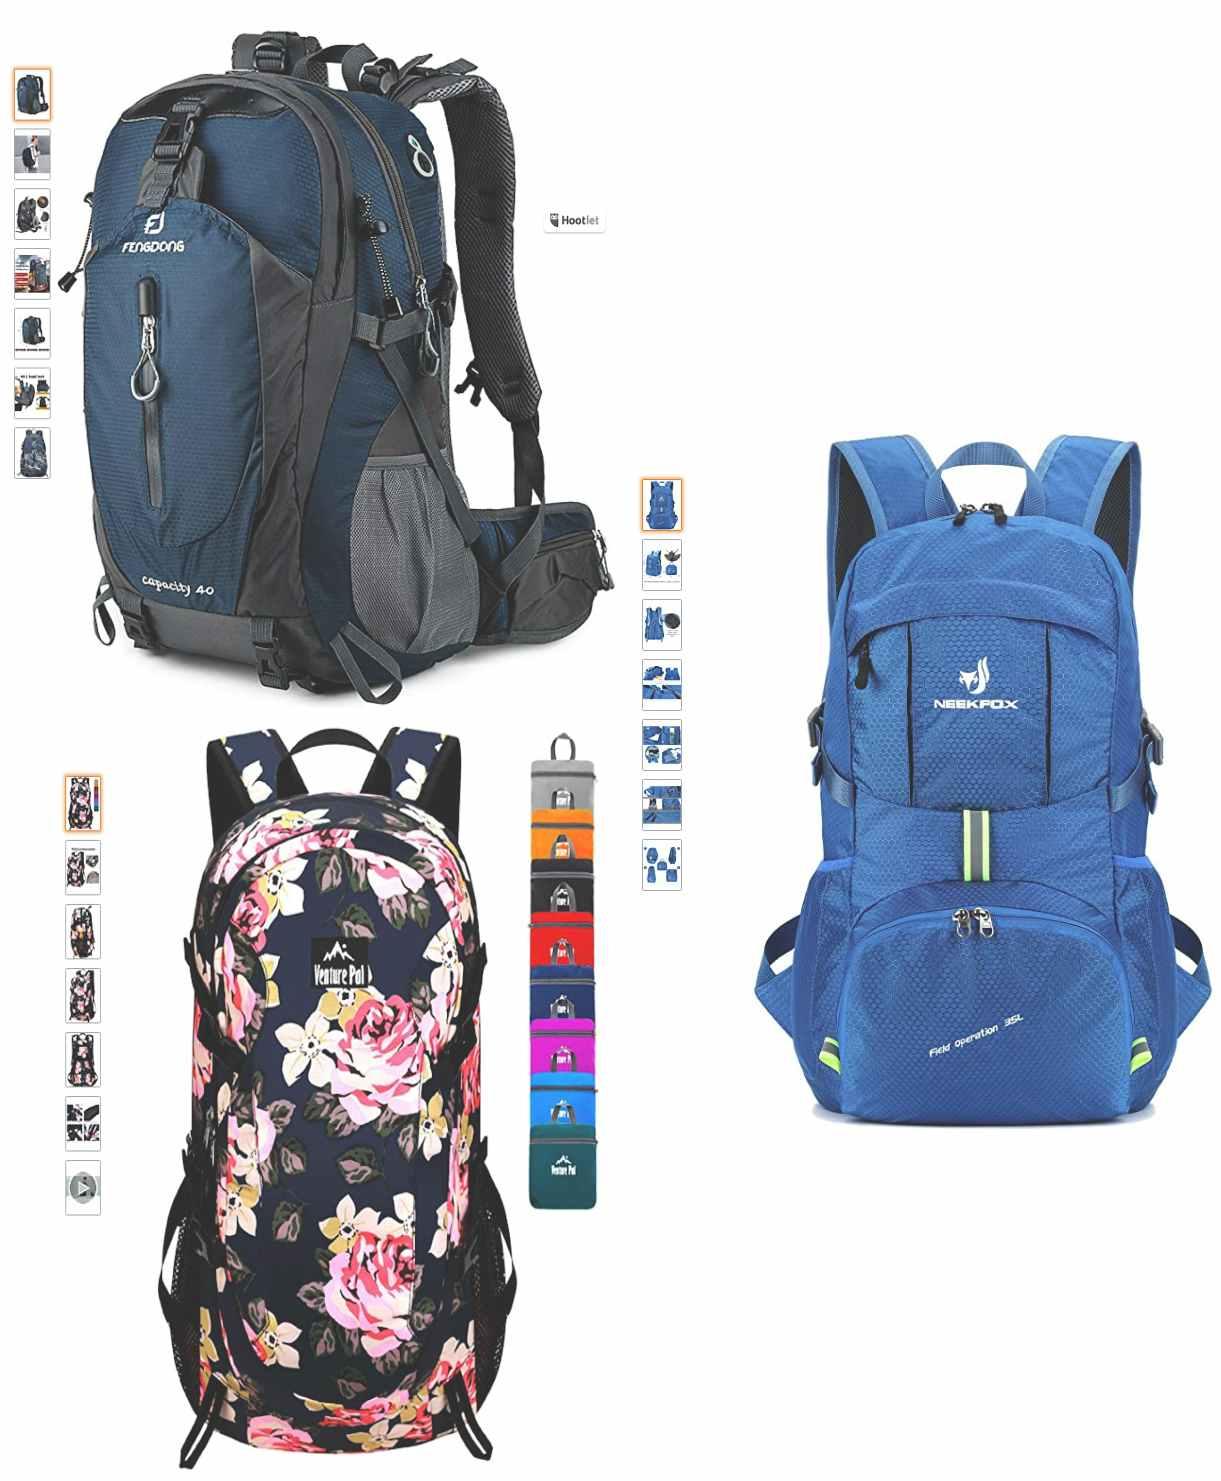 Backpacks on Amazon 2021